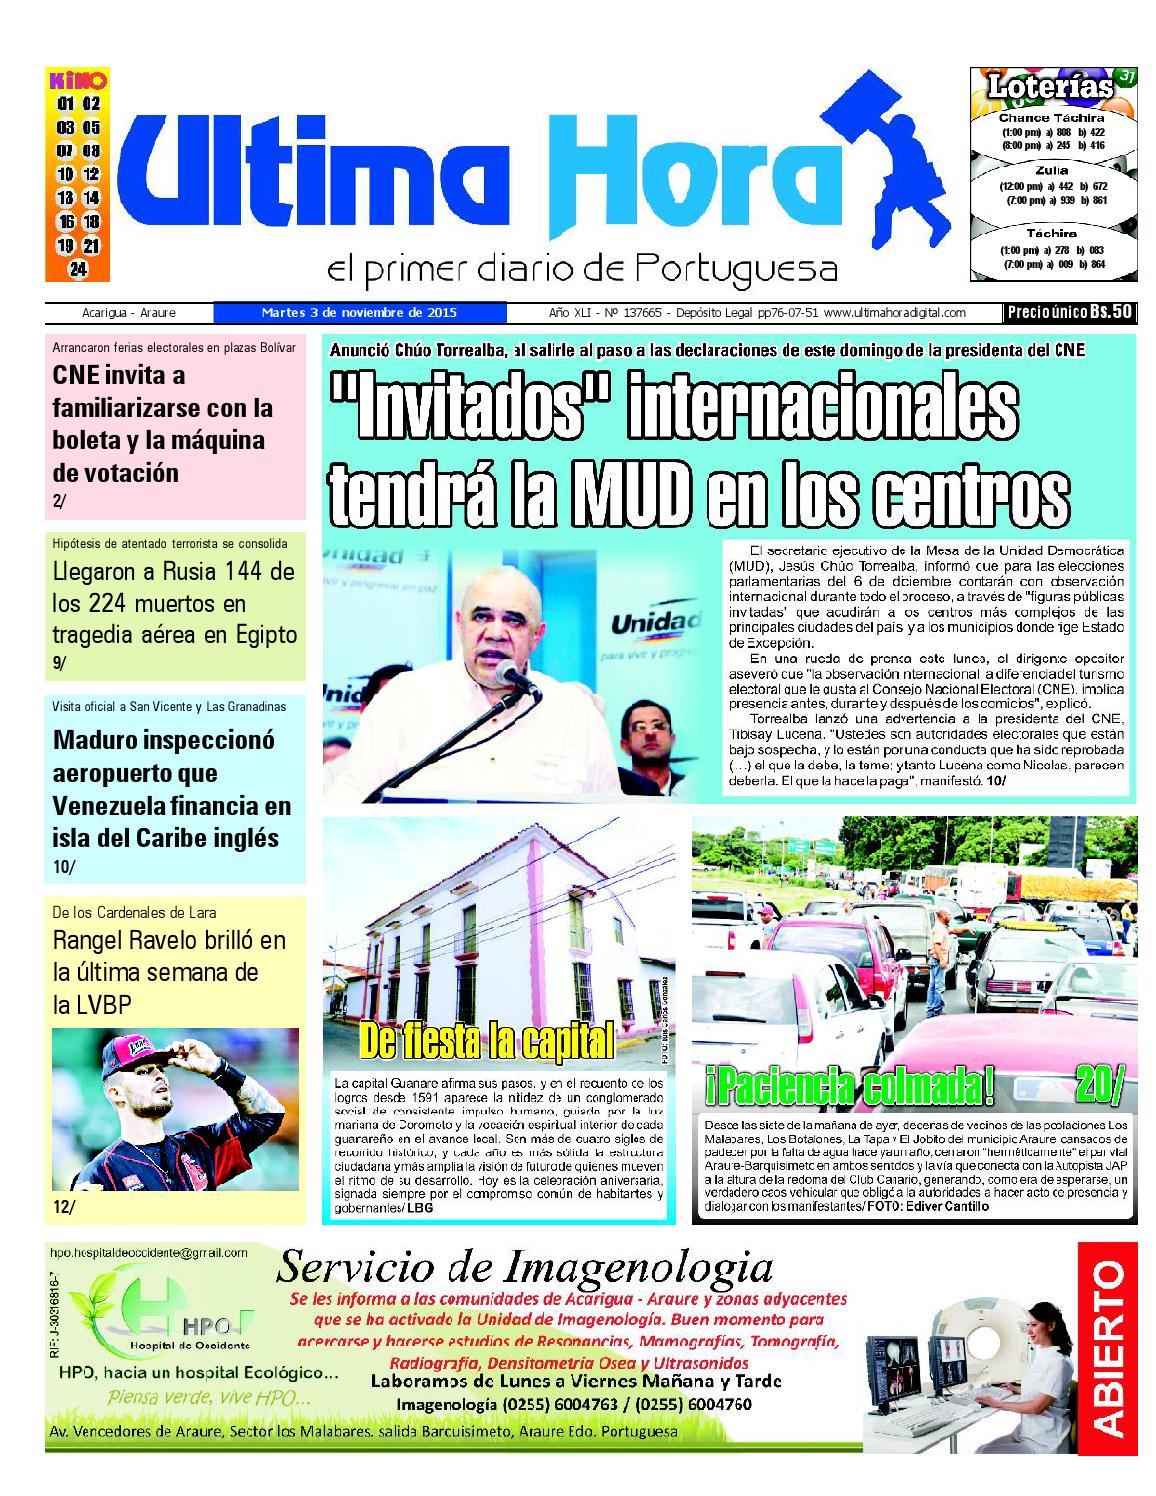 Edicion03 11 2015 By Ultima Hora El Primer Diario De Portuguesa  # Muebles Castro Tovar Toral Vados